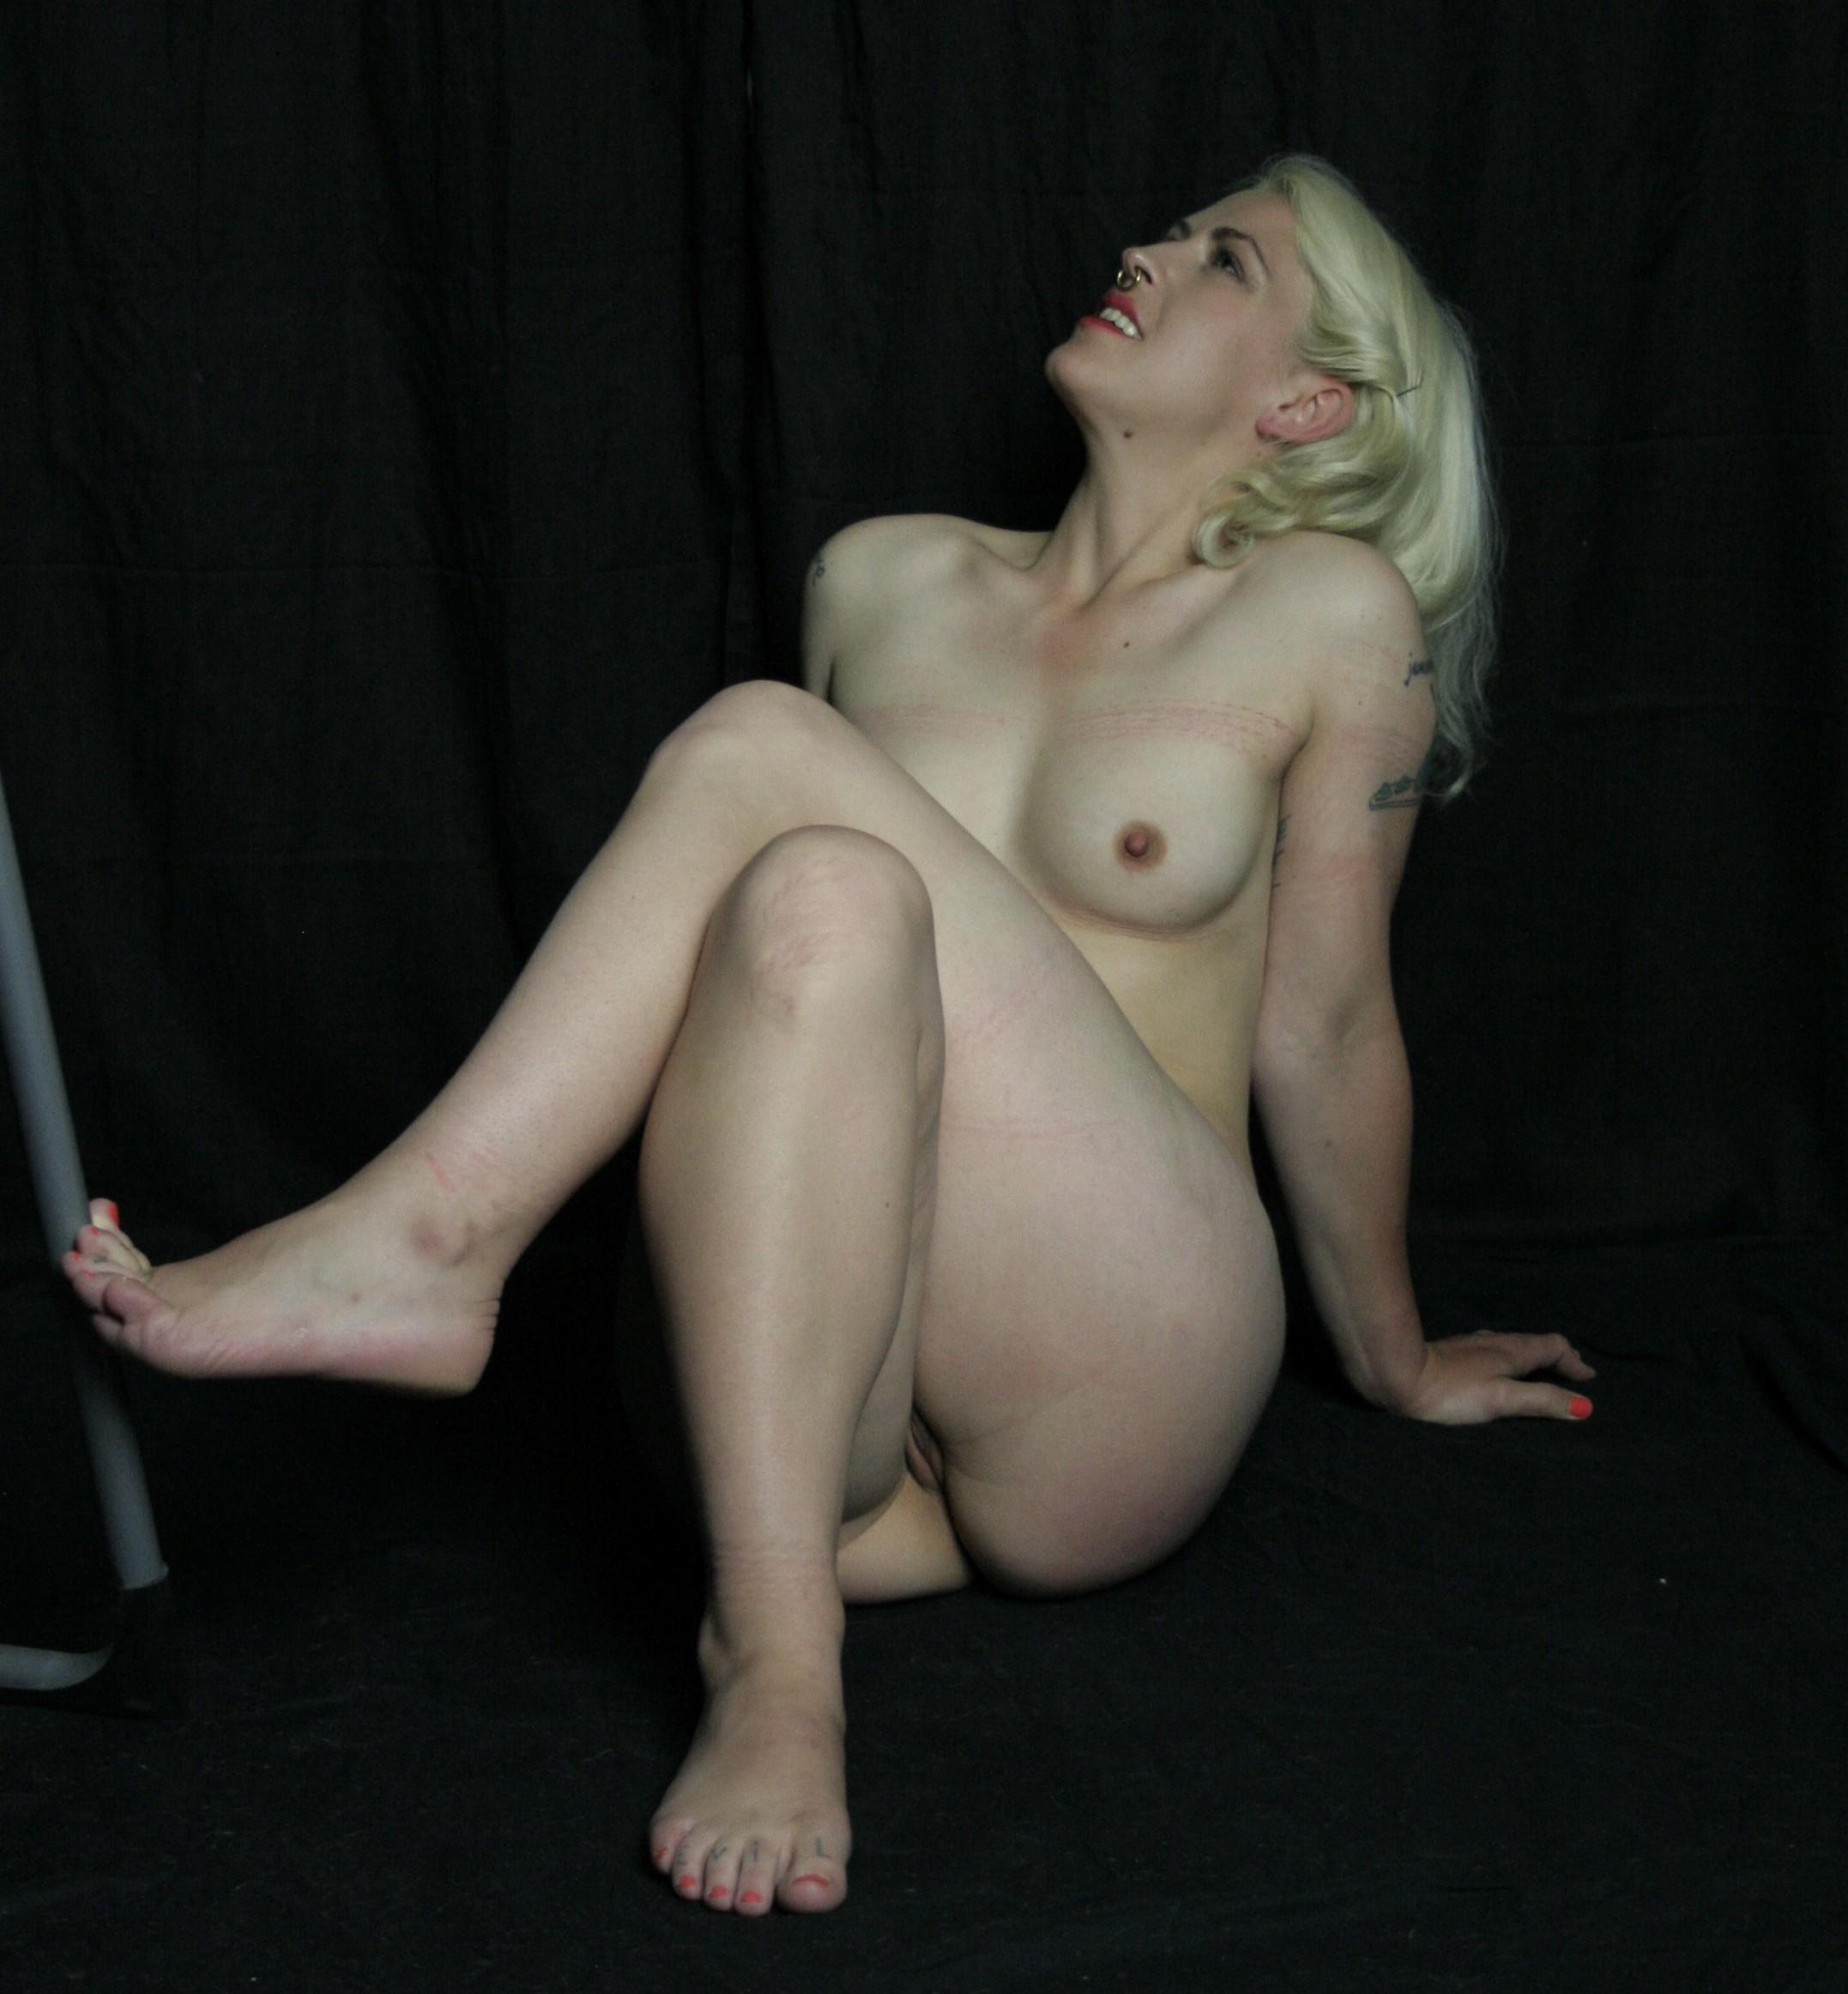 meet local women for sex